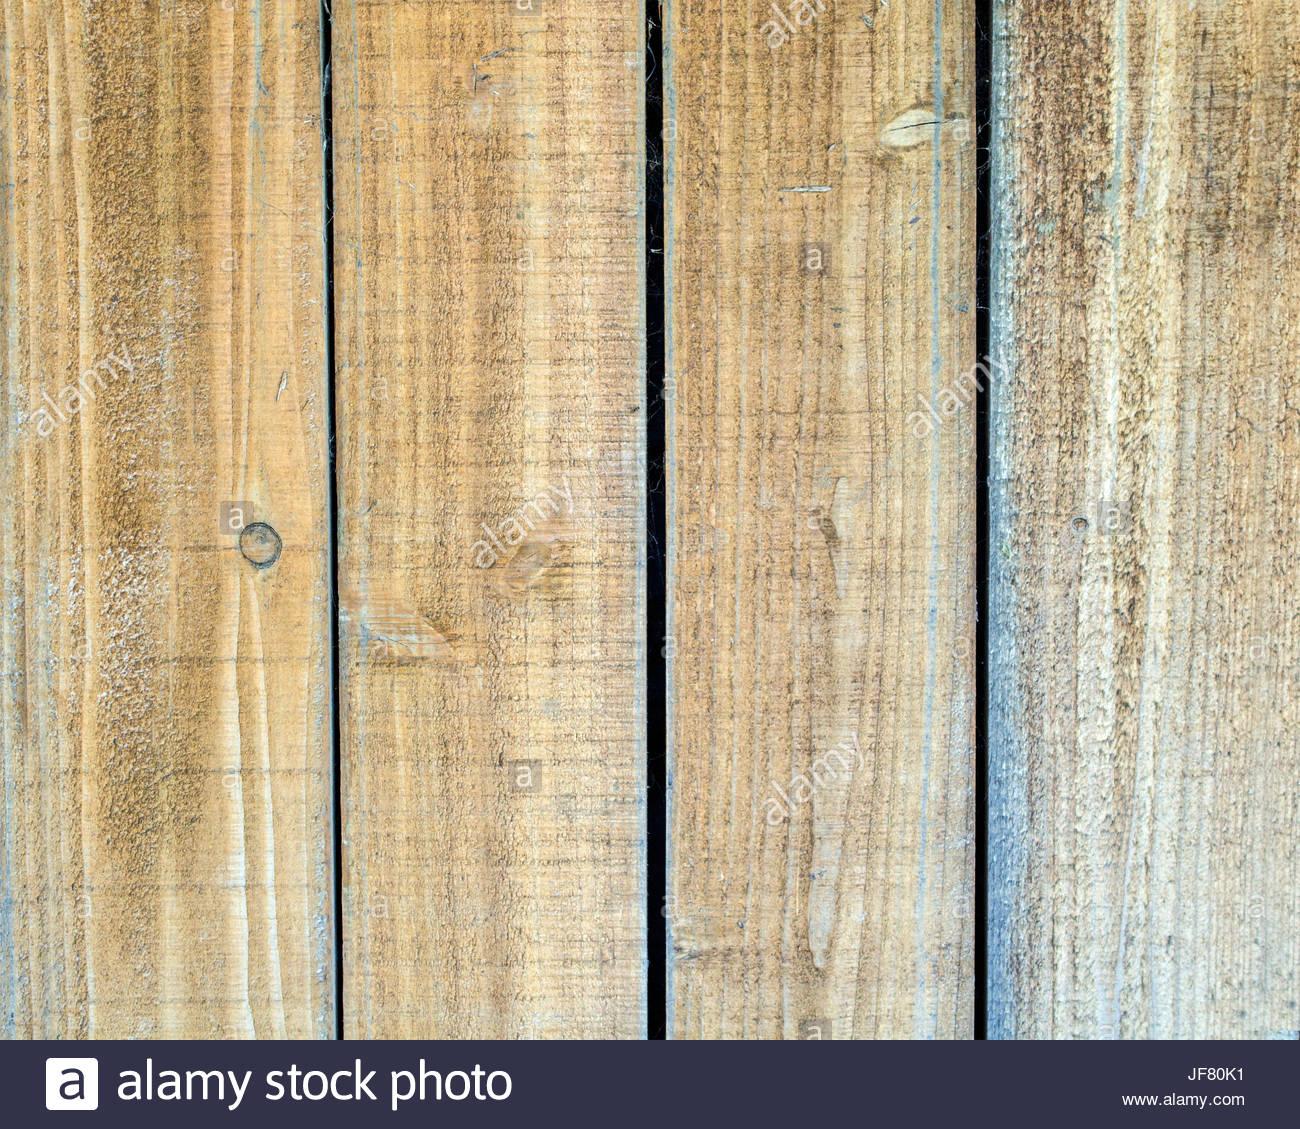 Closeup Auf Horizontale Holz Bretter Zaun Textur Und Hintergrund